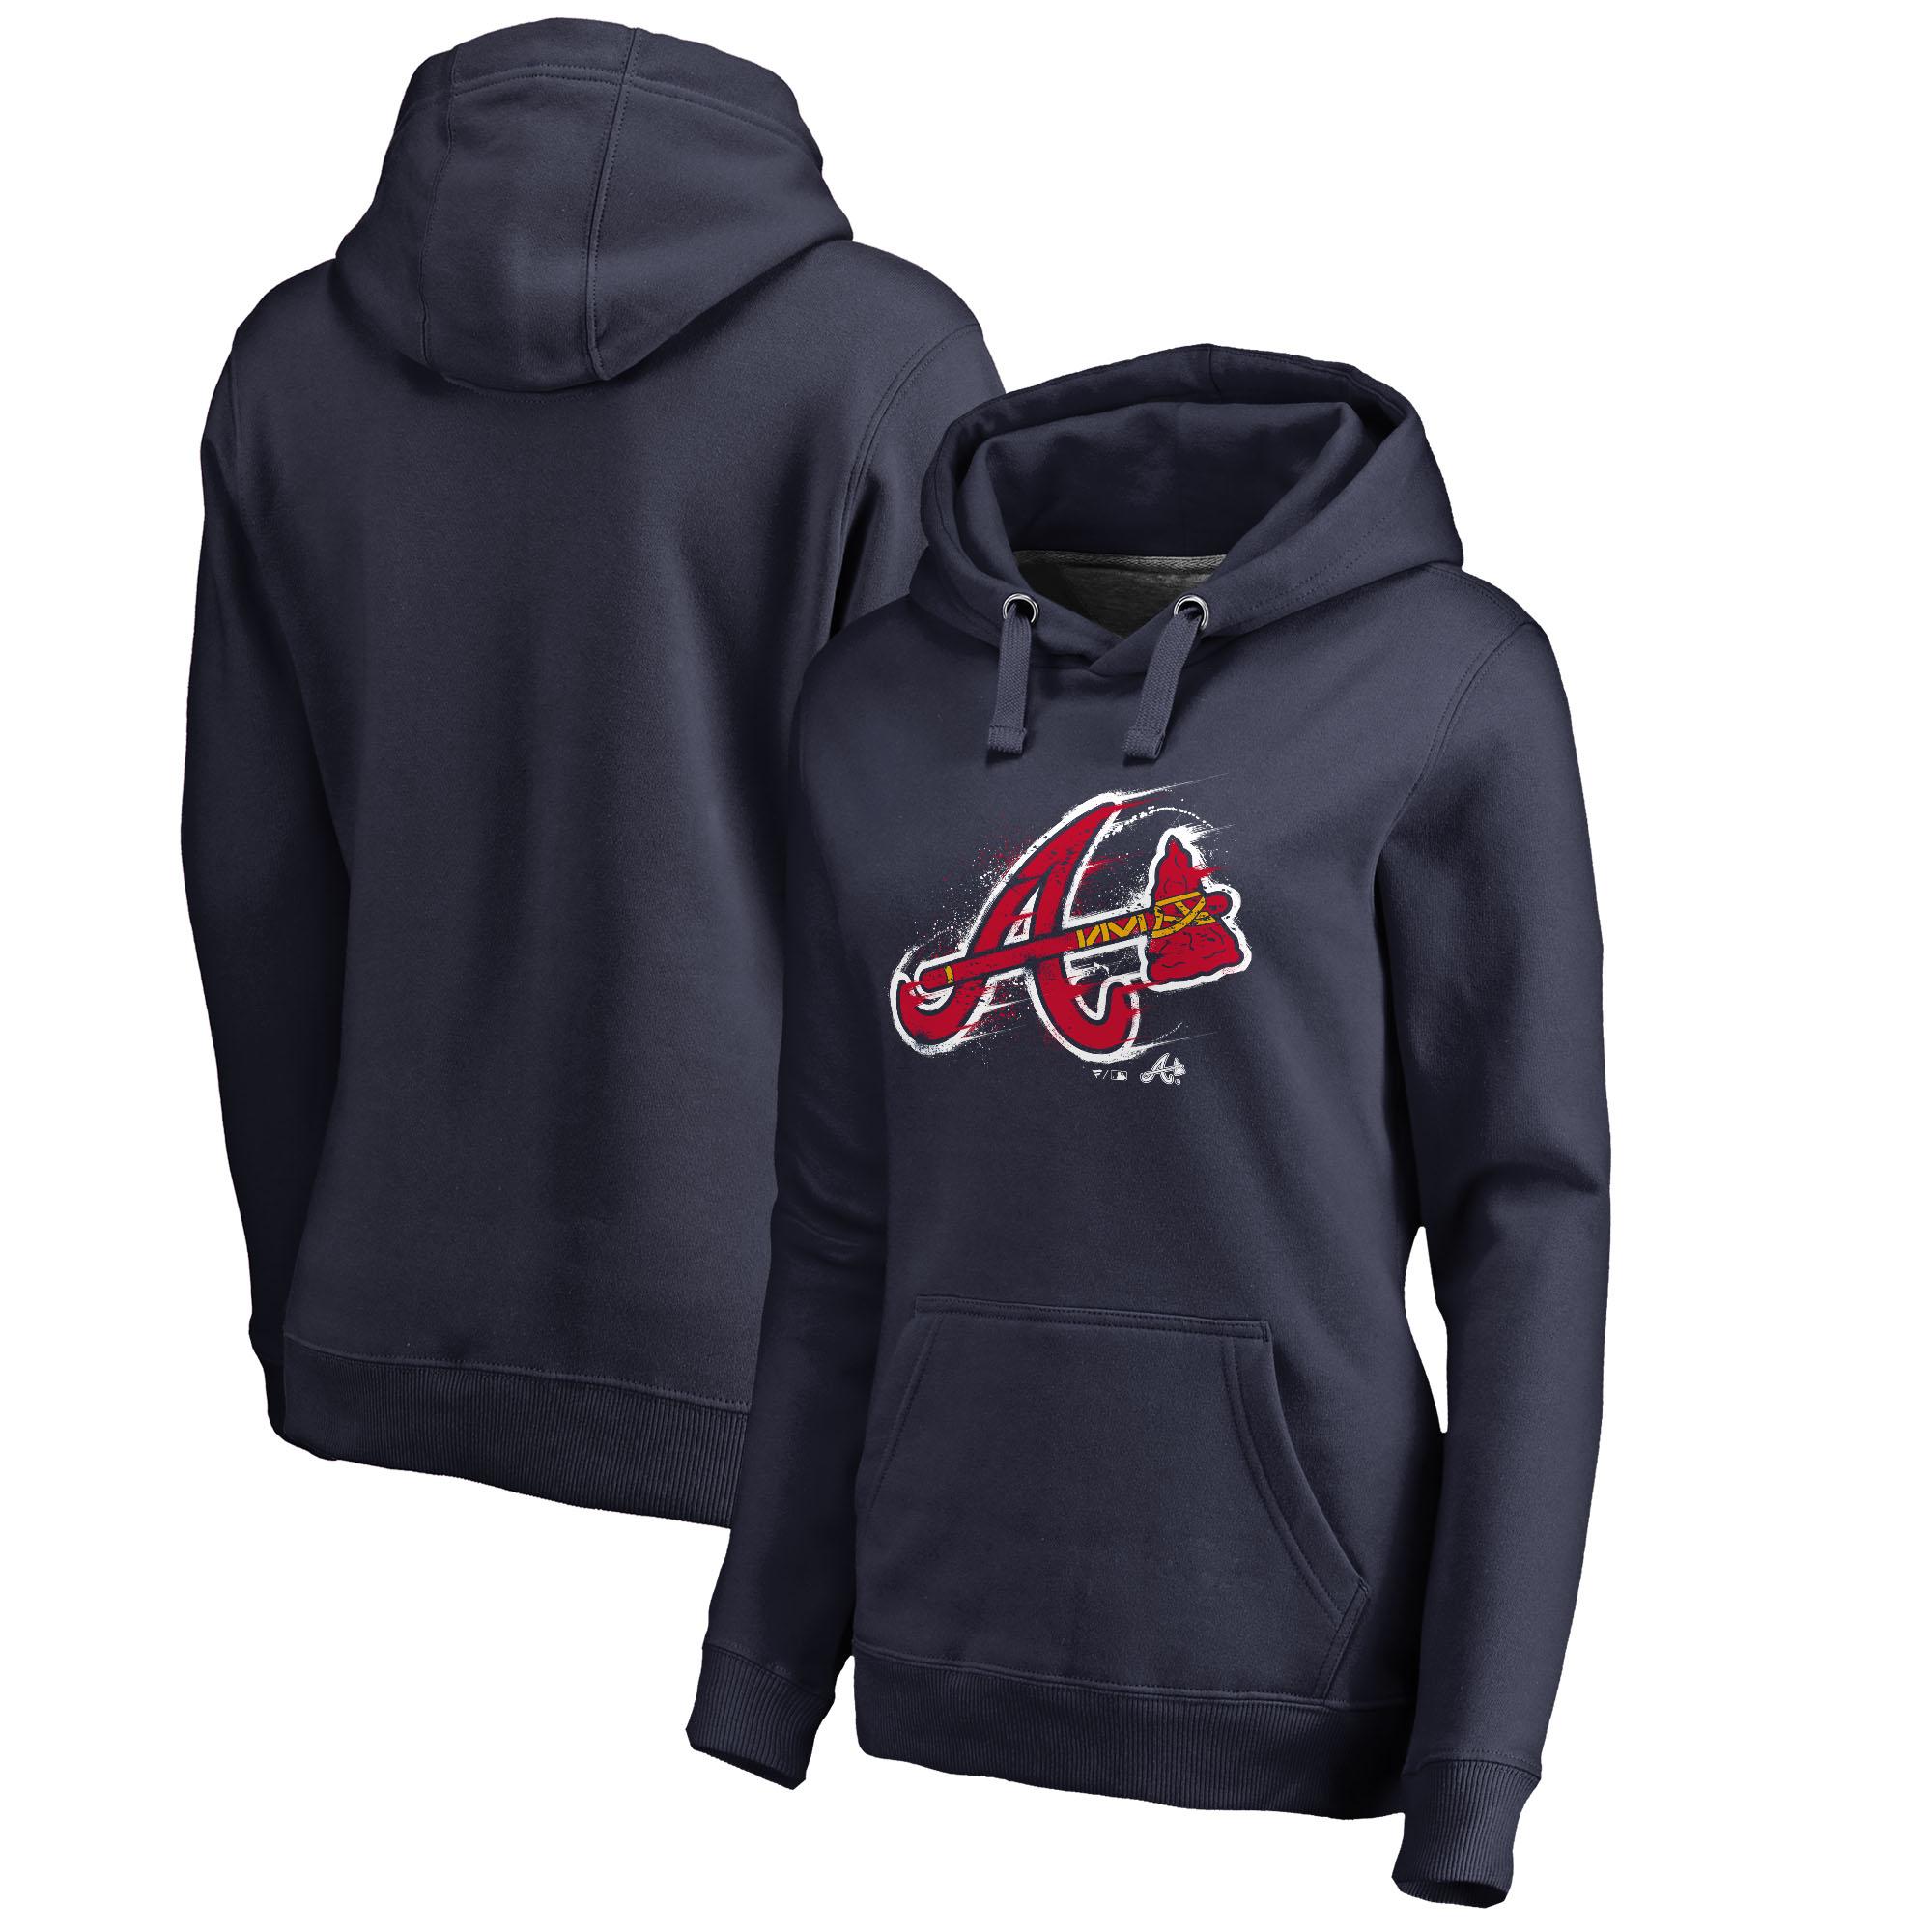 Atlanta Braves Fanatics Branded Women's Splatter Logo Pullover Hoodie - Navy